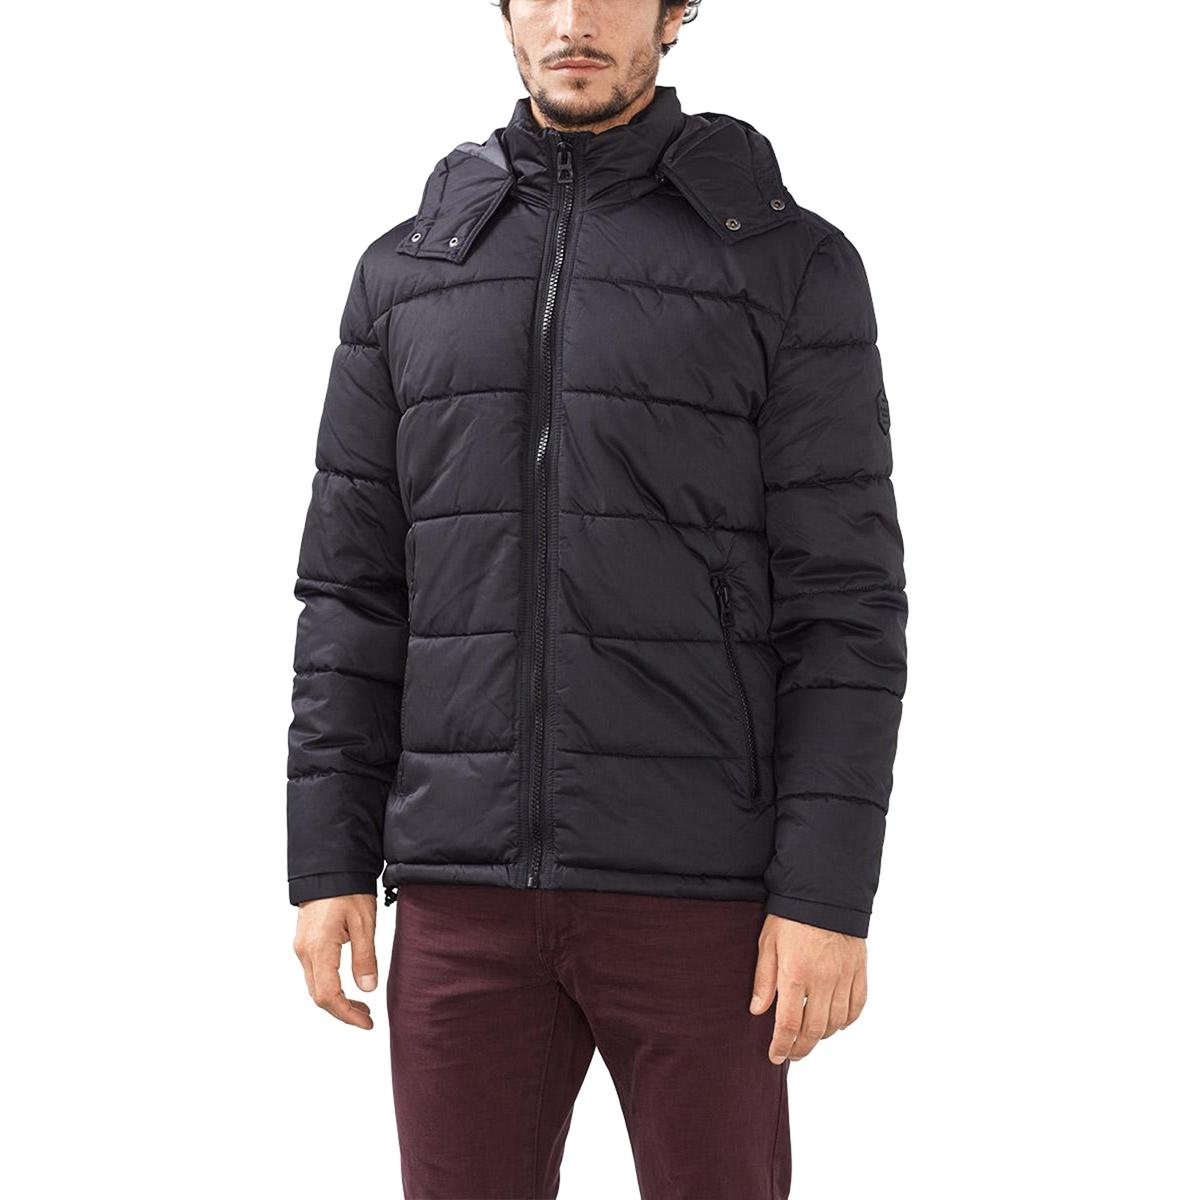 Куртка стёганая с капюшономСостав и описание :Материал : 100% полиамида, нейлона®Марка : ESPRIT<br><br>Цвет: черный